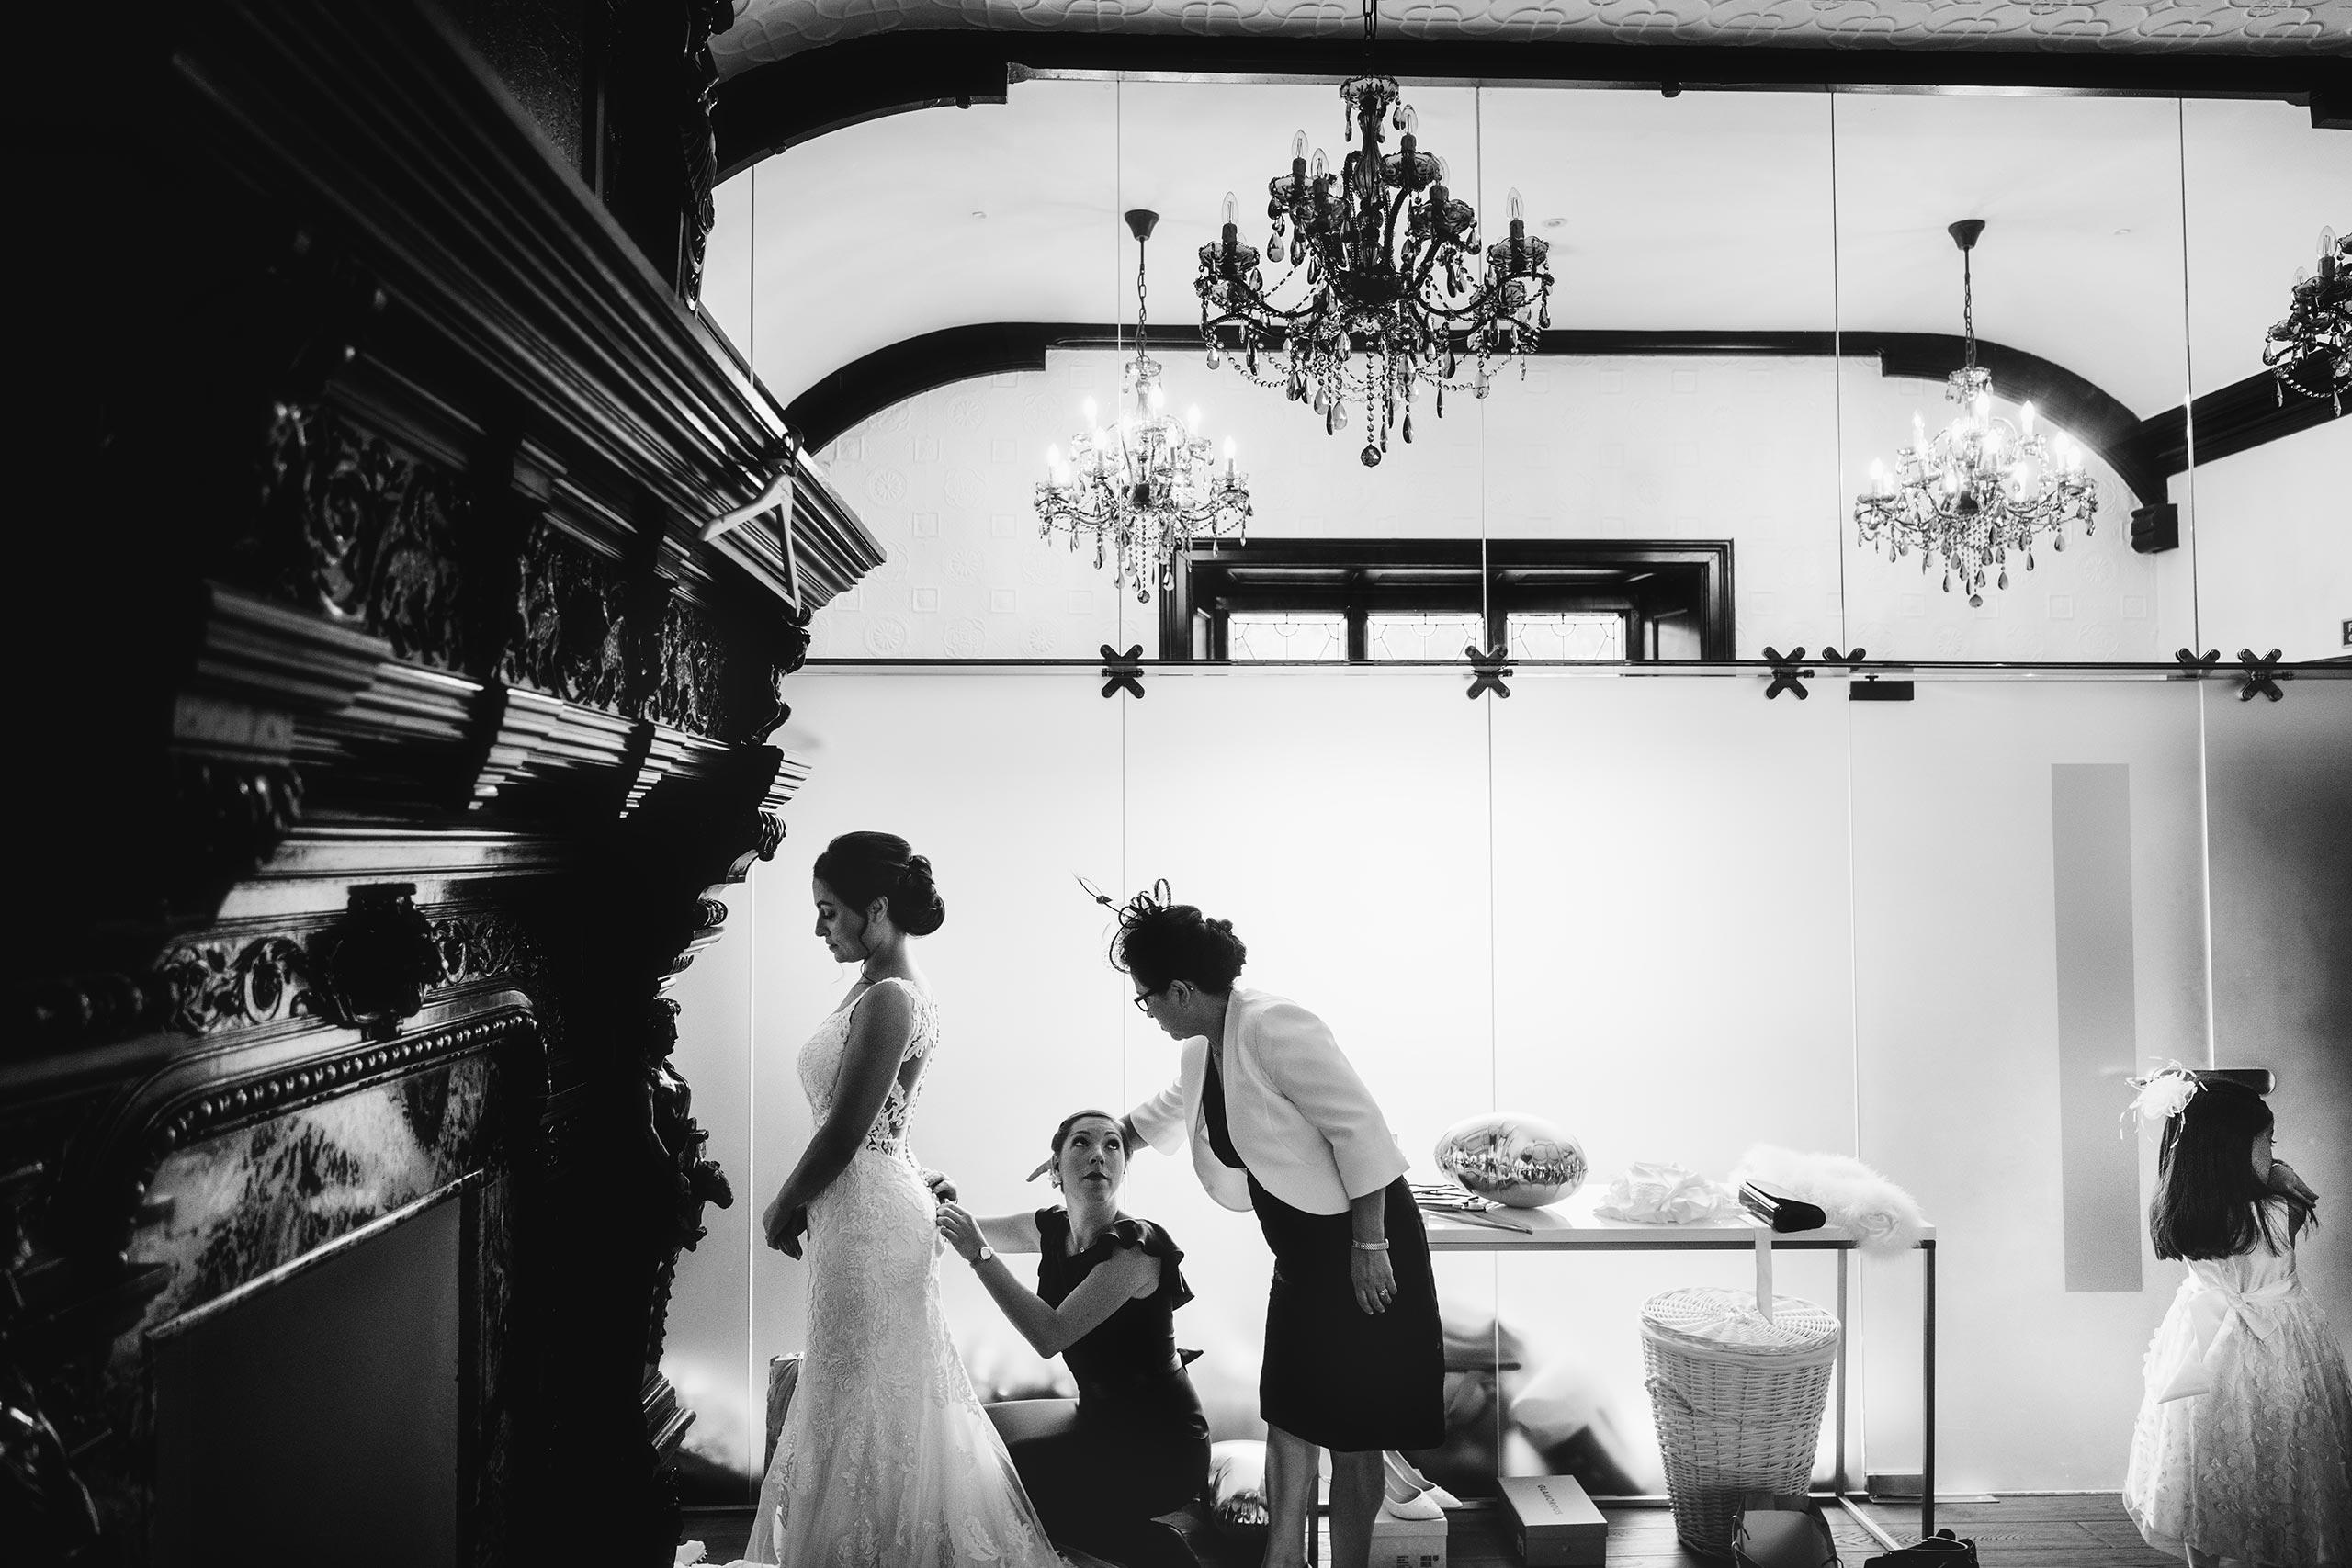 bride getting ready at Tyn Dwr Hall wedding venue in North Wales